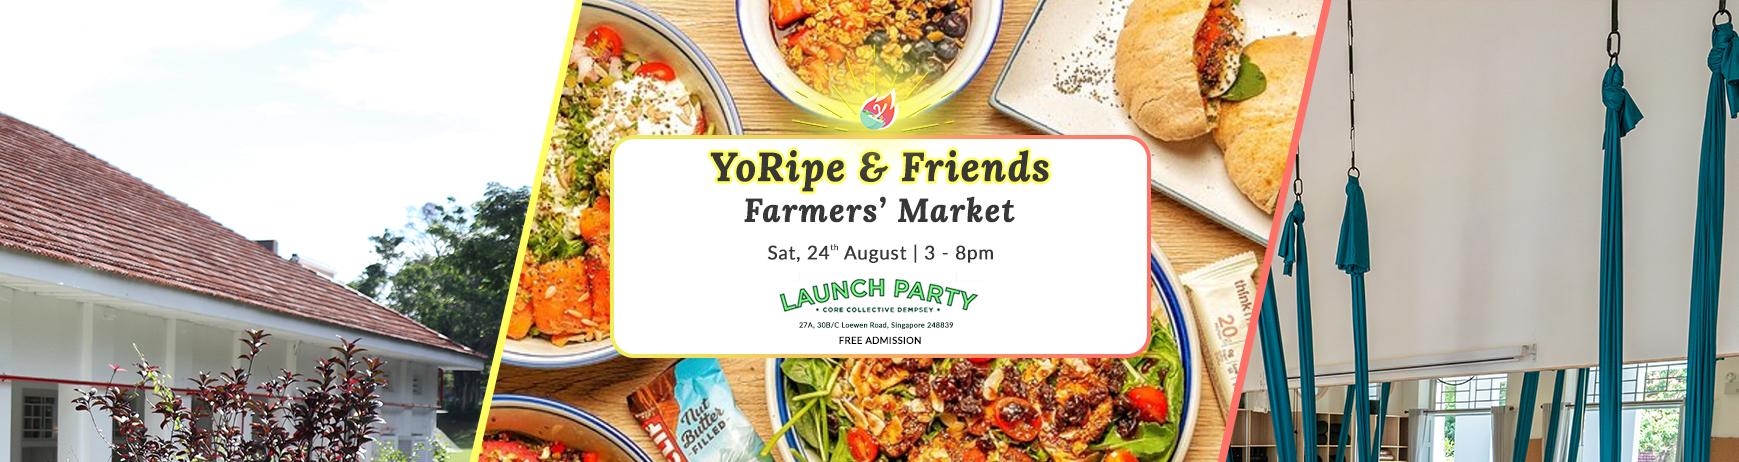 YoRipe & Friends Farmer's Market